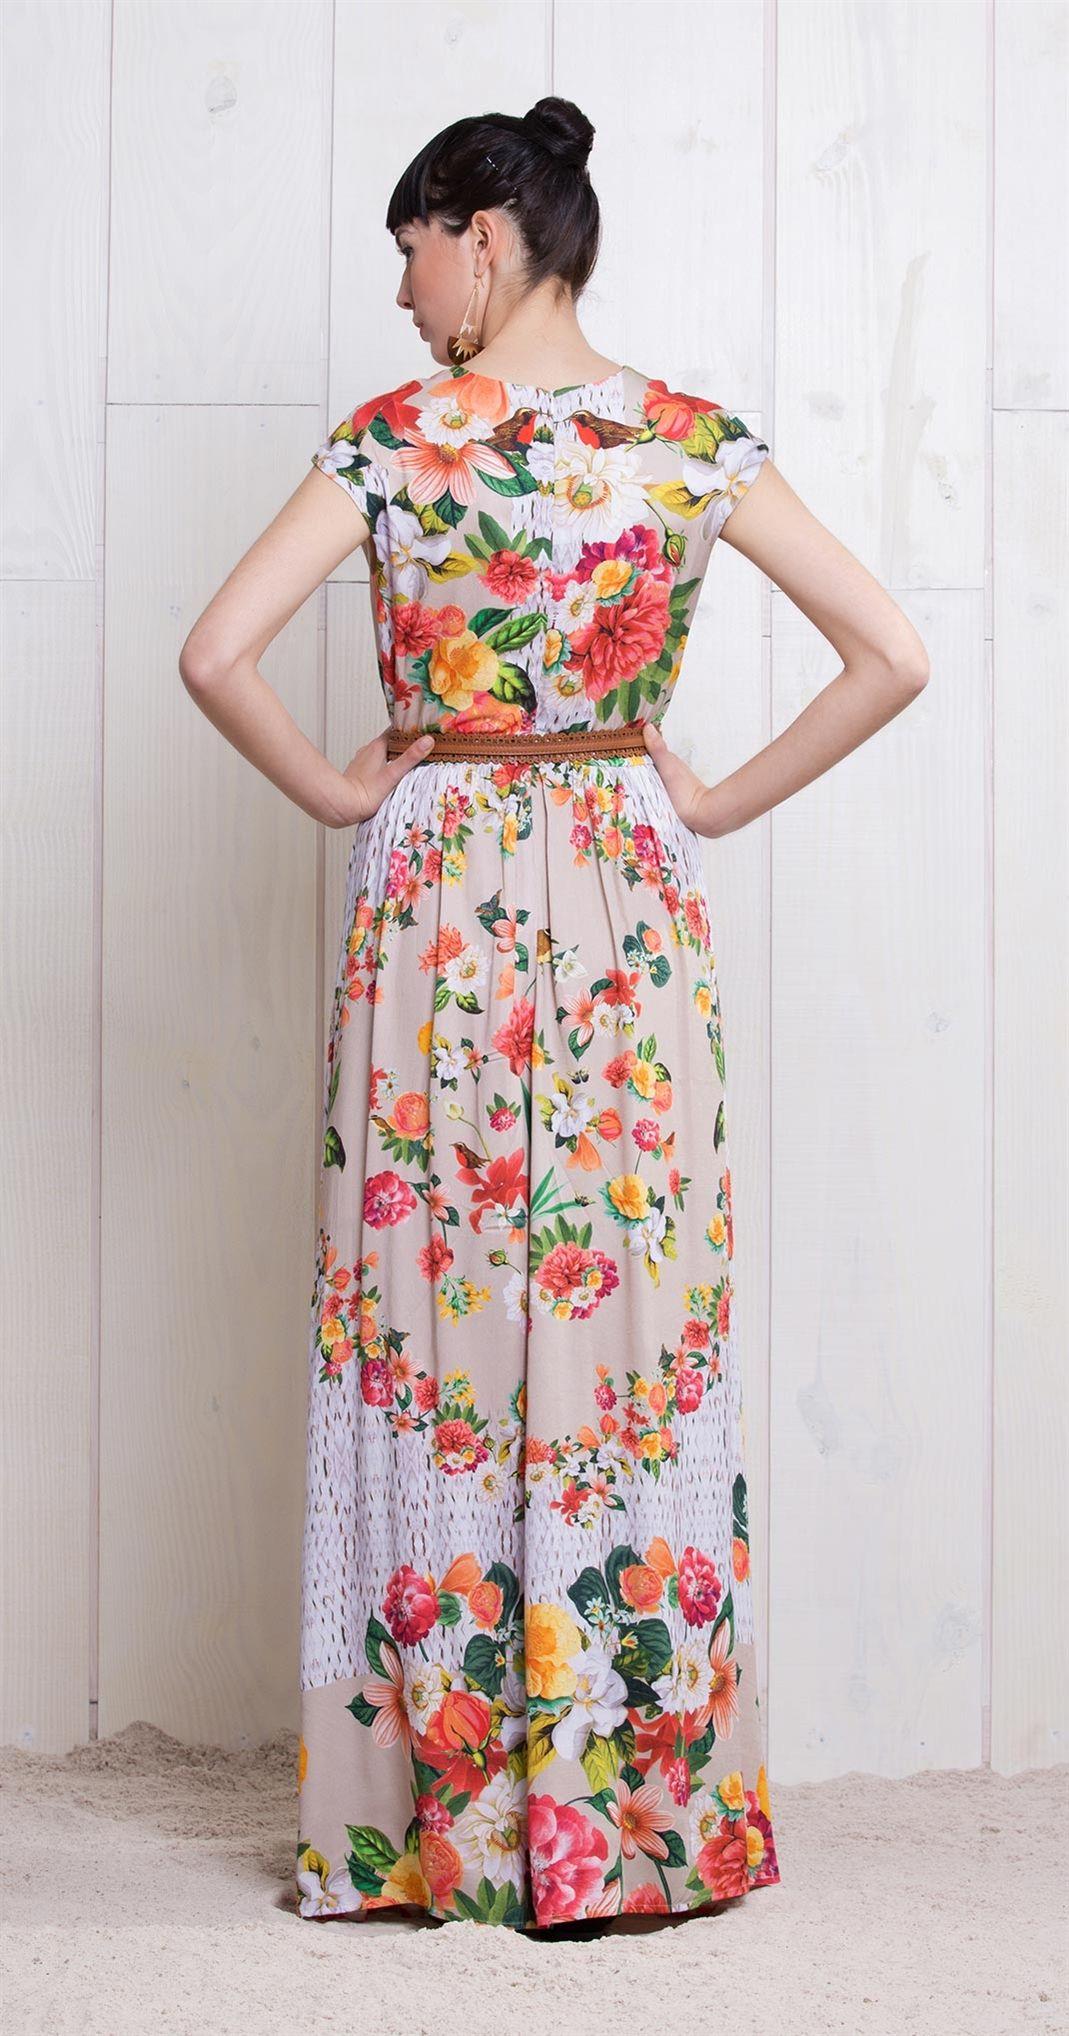 Vestido Longo Cesta de Flores   Lookbook   Antix Store   Moda bebb41bb60